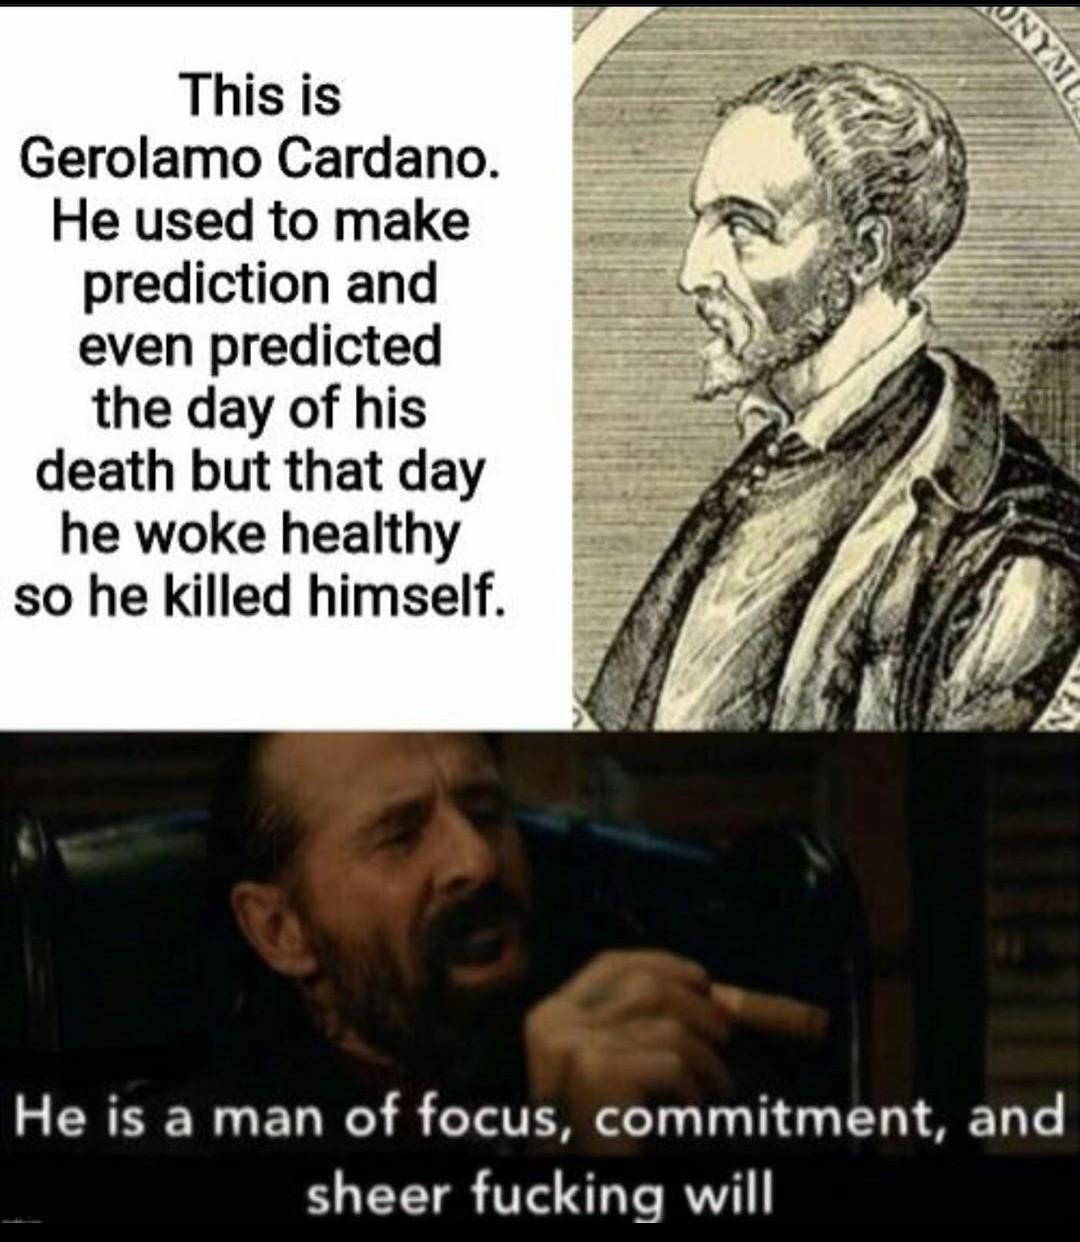 Cardano - meme